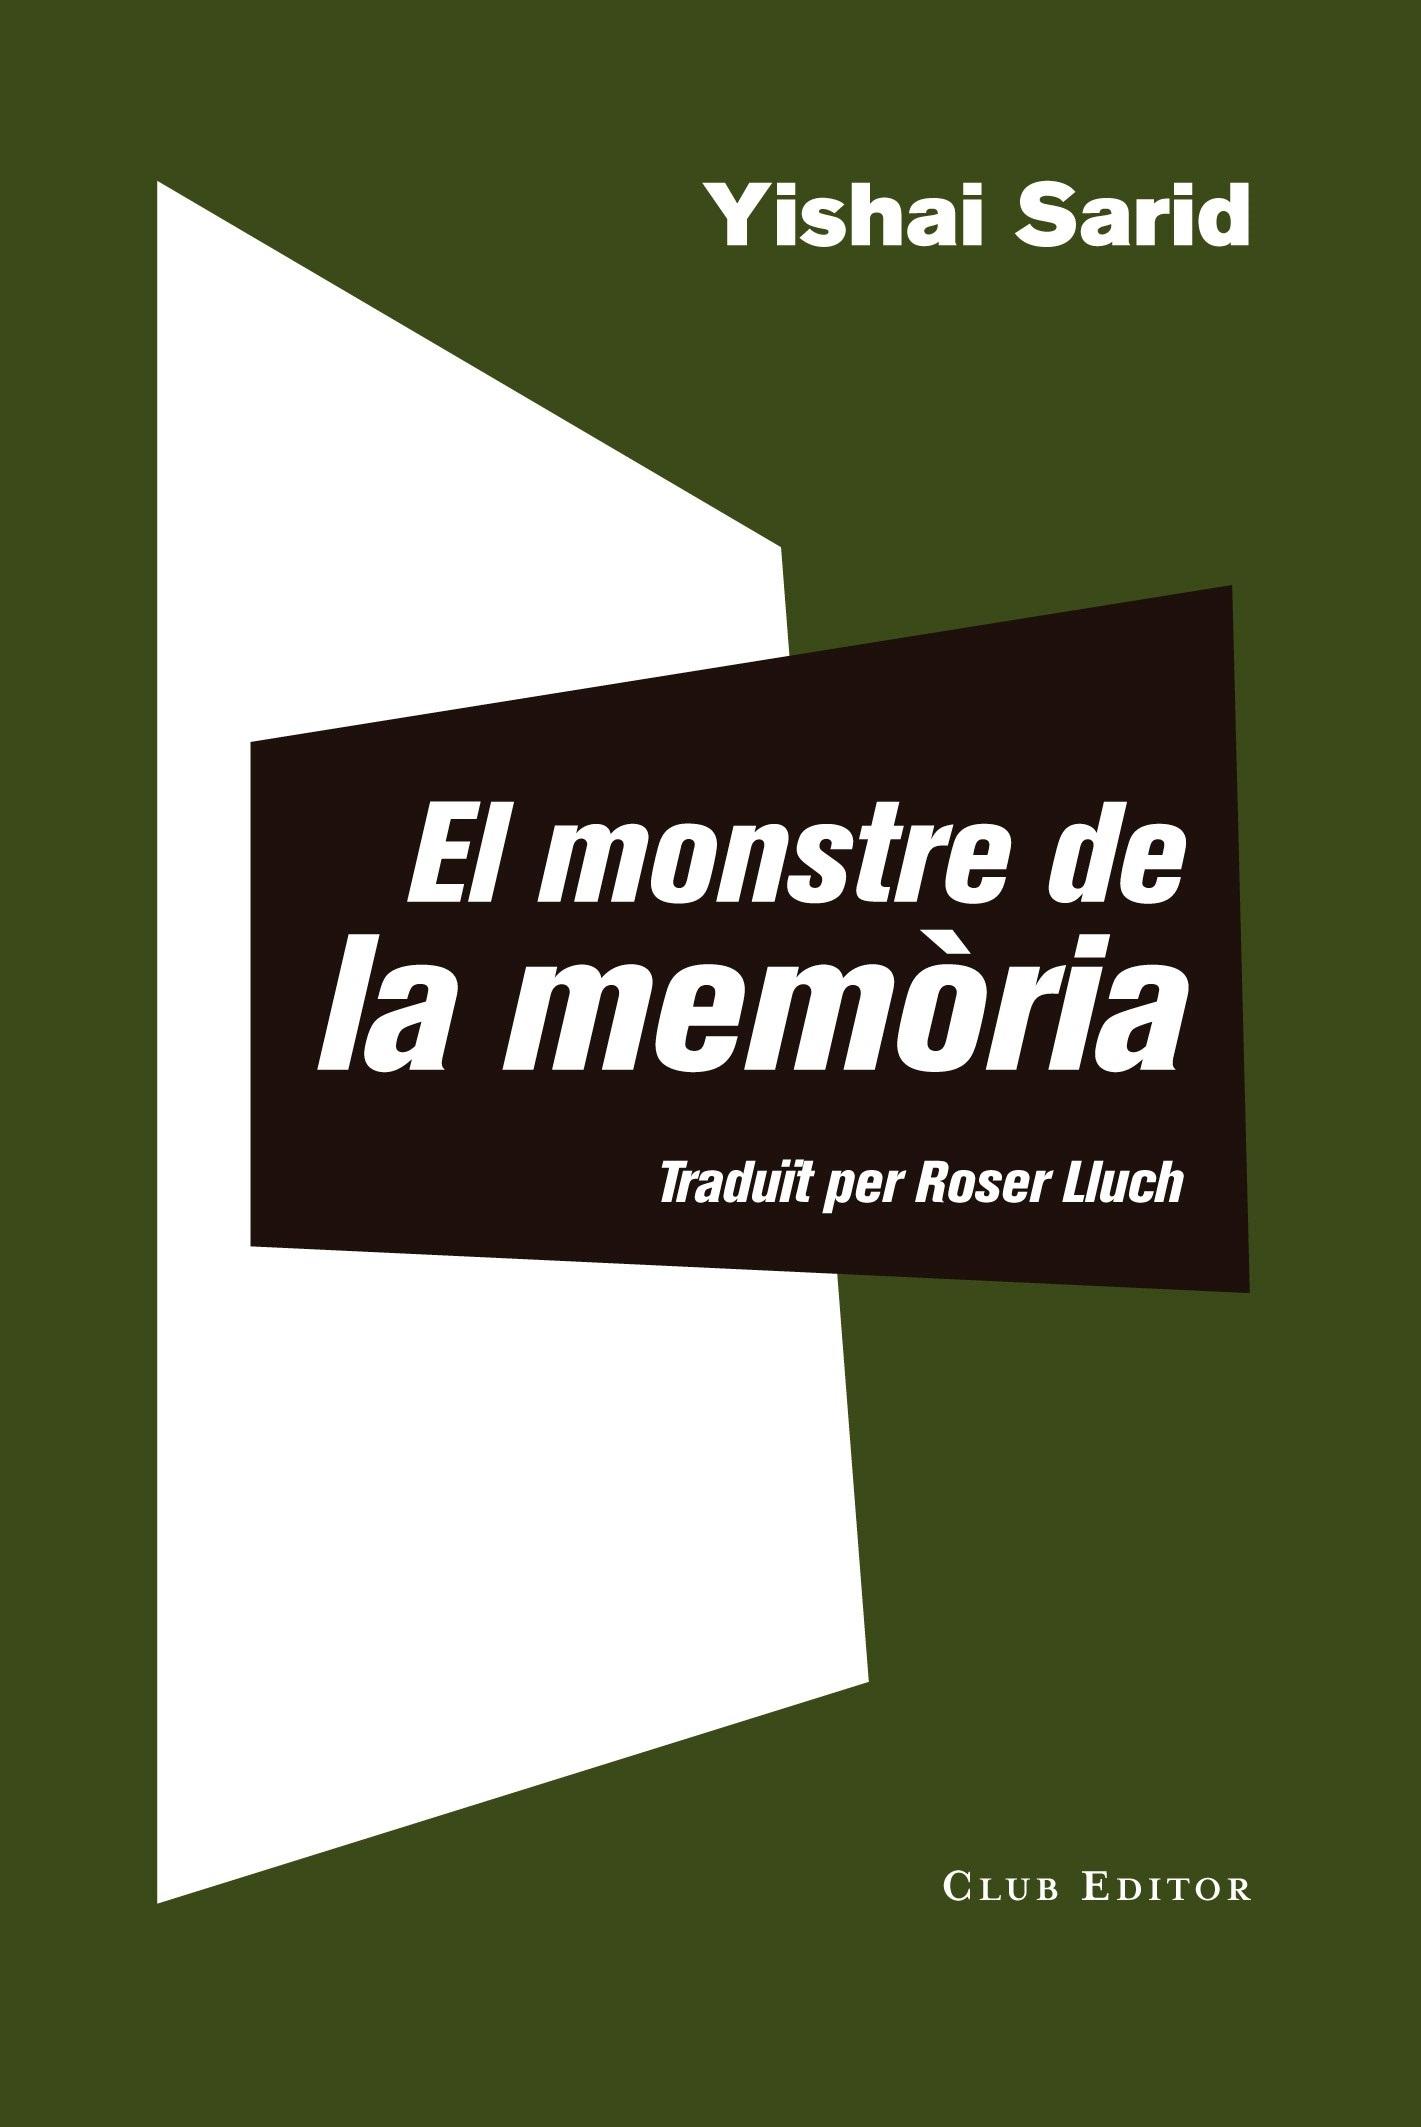 Portada de la novel·la de Yishai Sarid, El monstre de la memòria